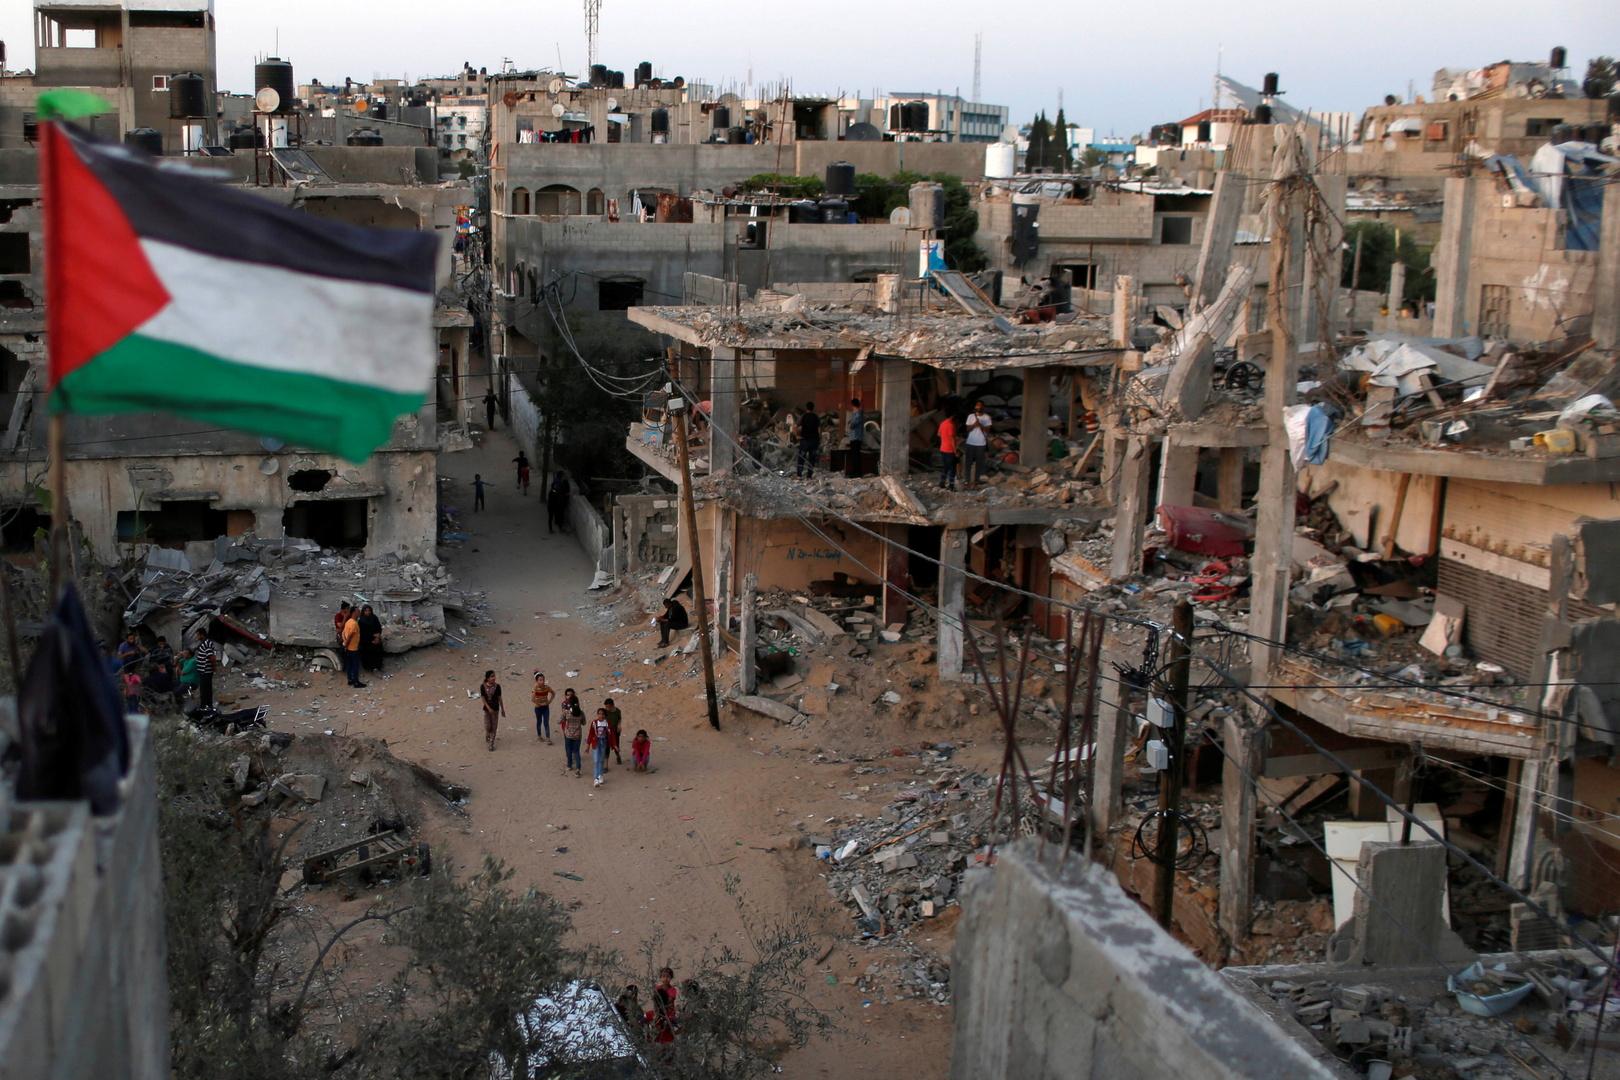 اليابان تتبرع بـ 3.7 مليون دولار للمعونة الغذائية للاجئي فلسطين بغزة